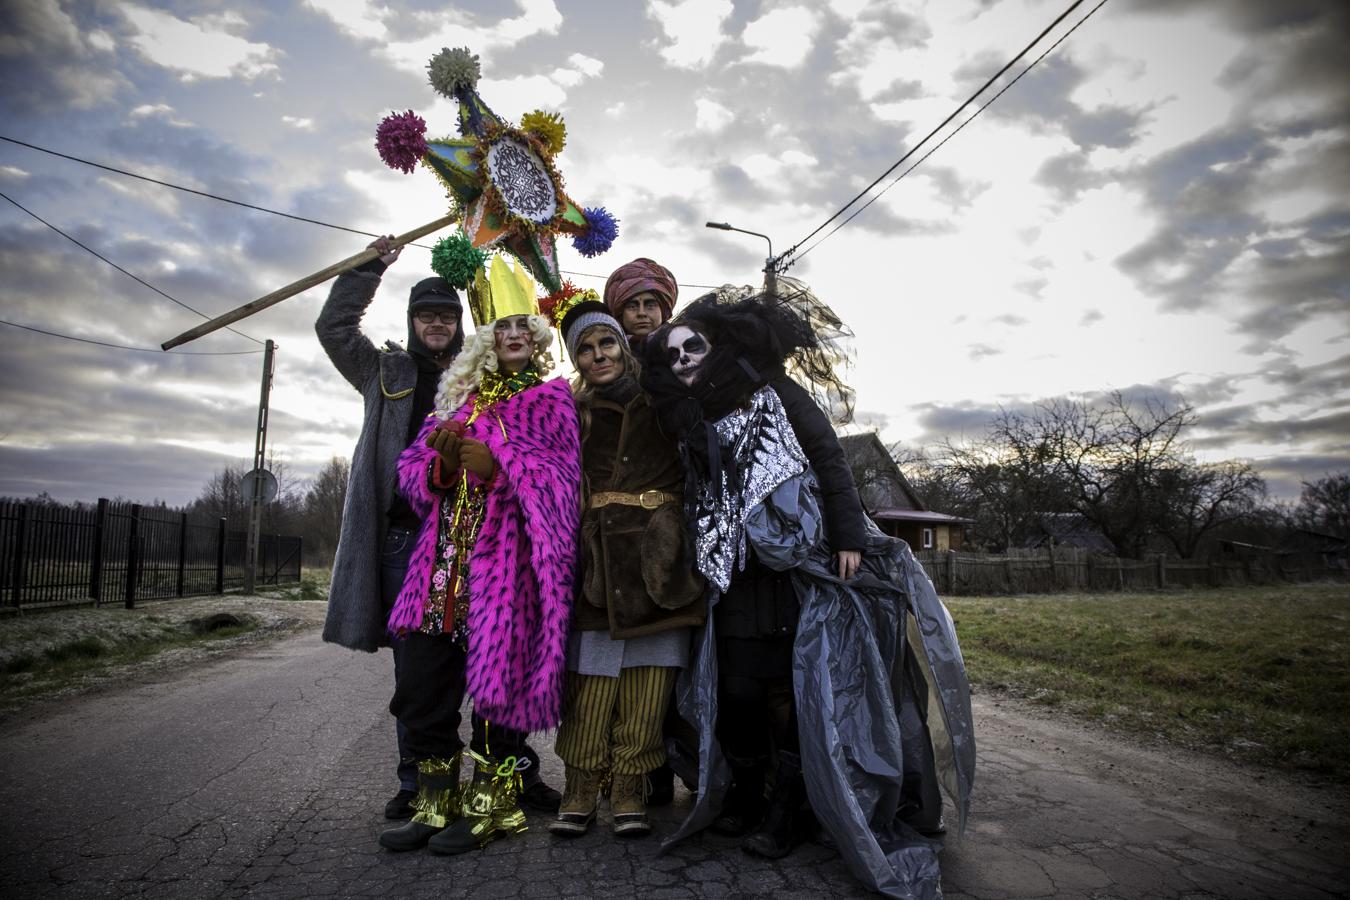 Kolędnicy na ulicy w Teremiskach. Od lewej: Bartas Pruchnicki, Kasia Paterek, Marta Tarnowska, Zuza Marszewska, Magda Siemaszko.